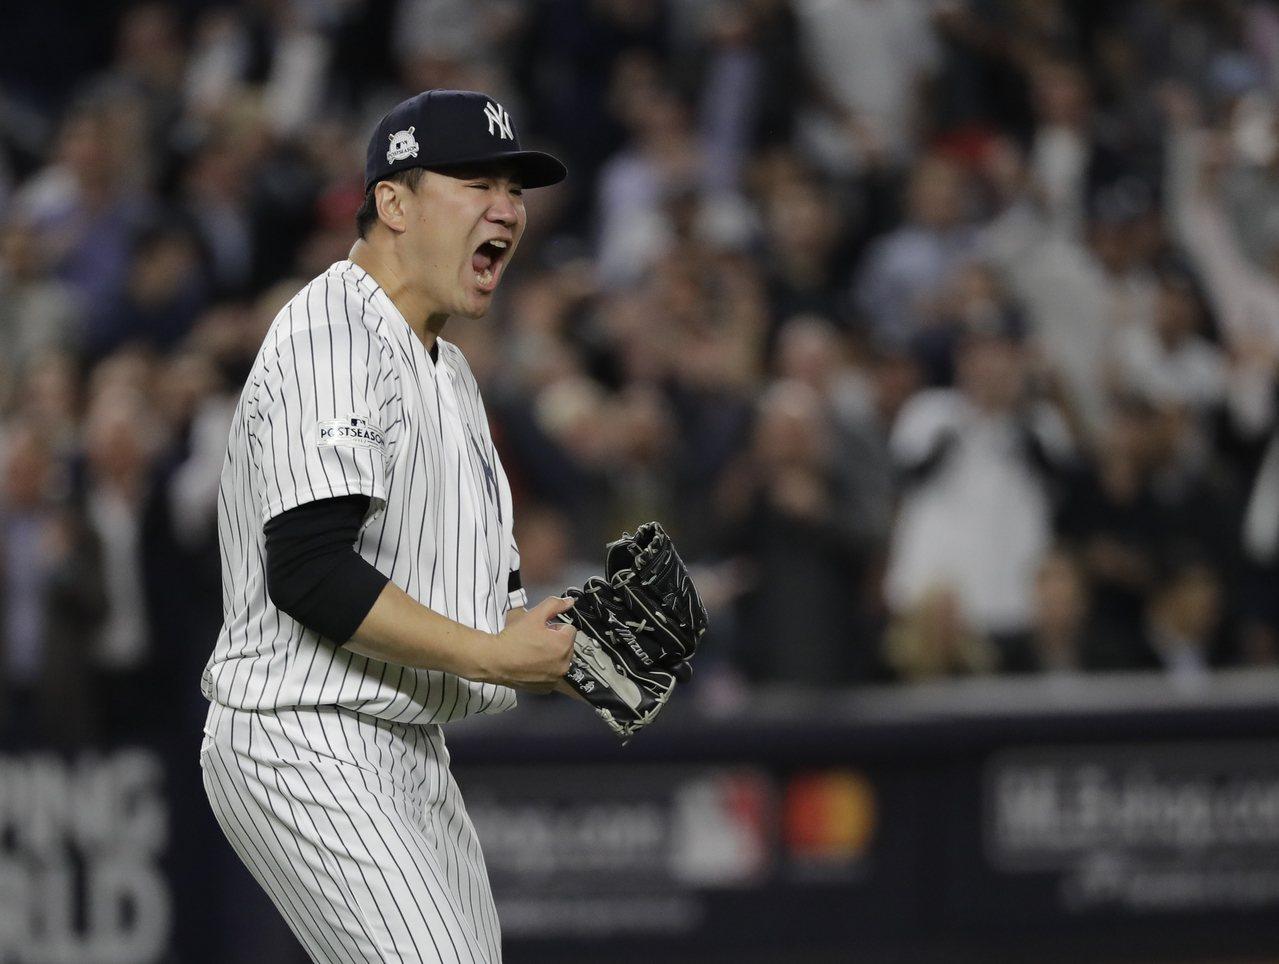 日籍投手田中將大今天決定不跳脫合約,未來3年續披洋基戰袍。 美聯社